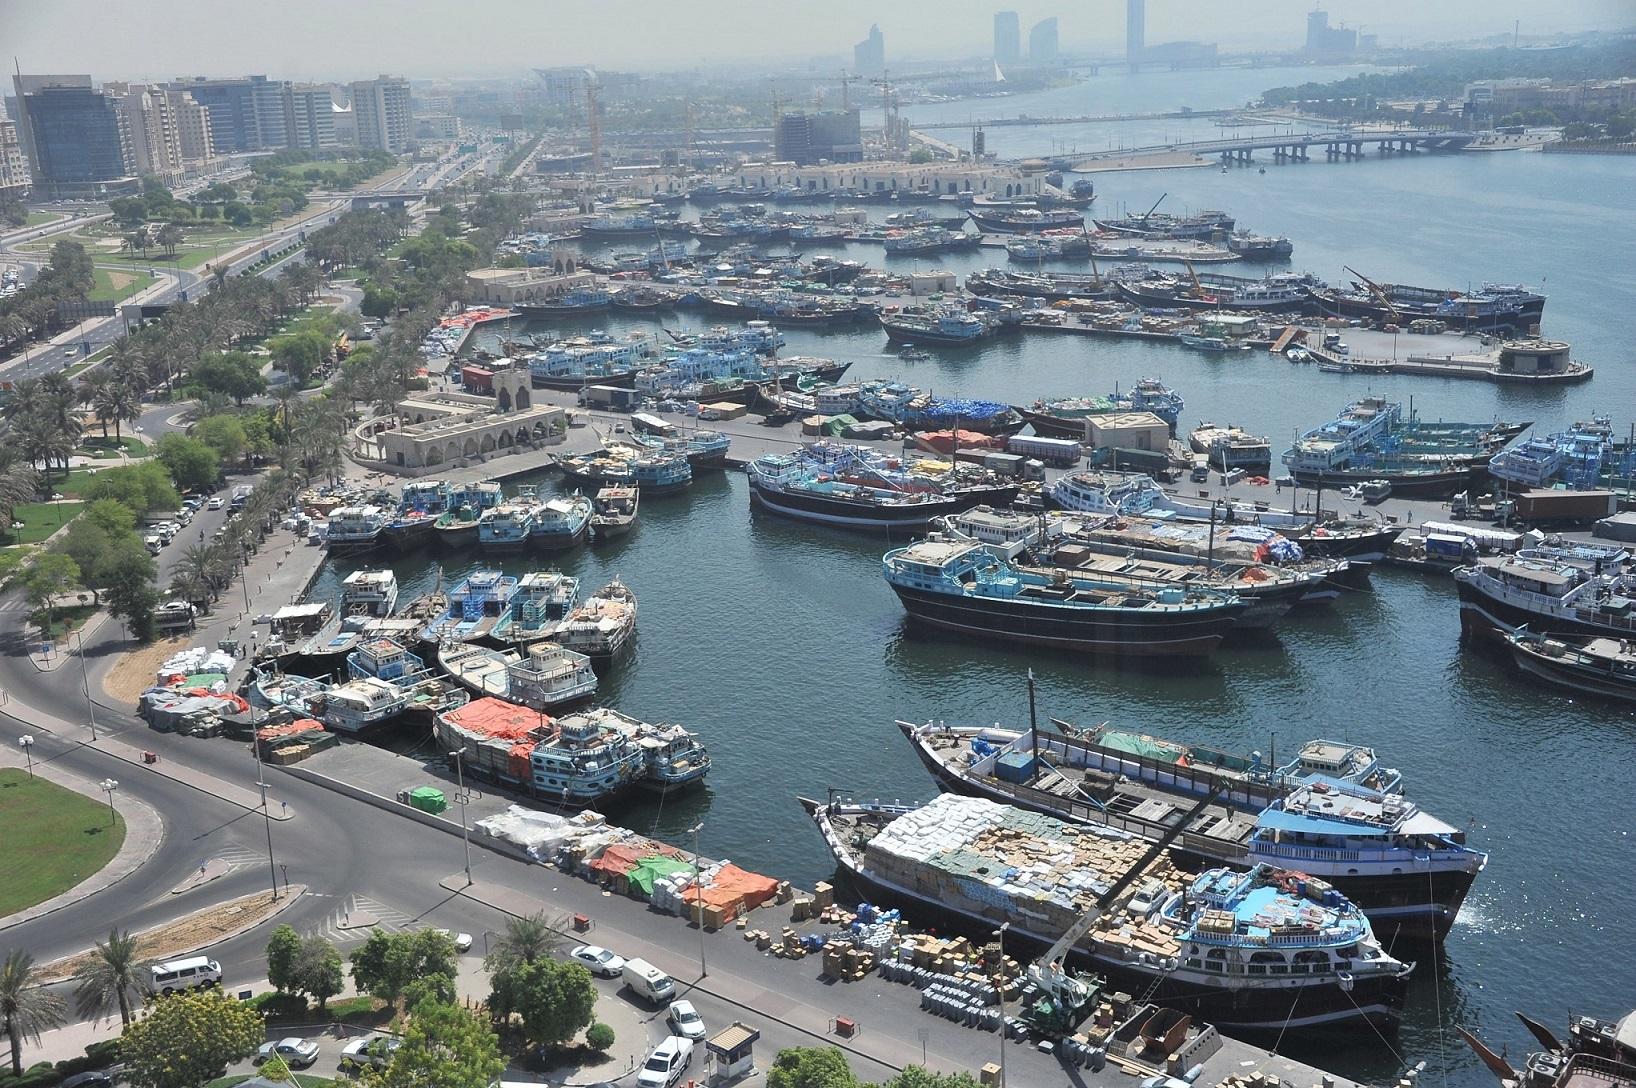 مراكز جمارك دبي تتعامل مع 5700 سفينة تقليدية وتجارية خلال 5 أشهر